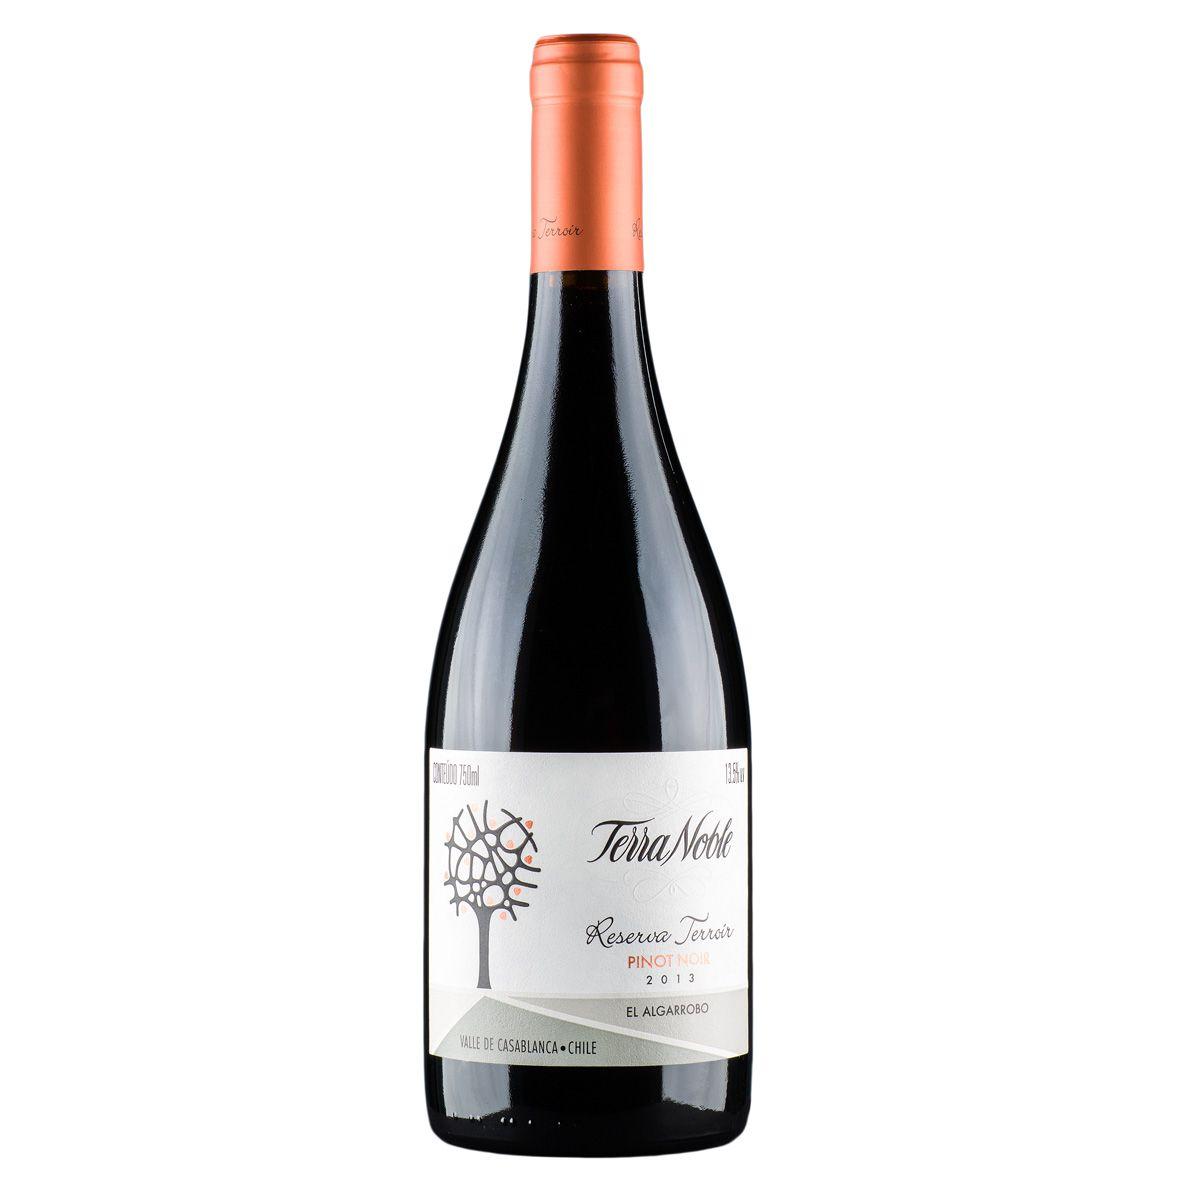 Terranoble Pinot Noir Reserva Terroir